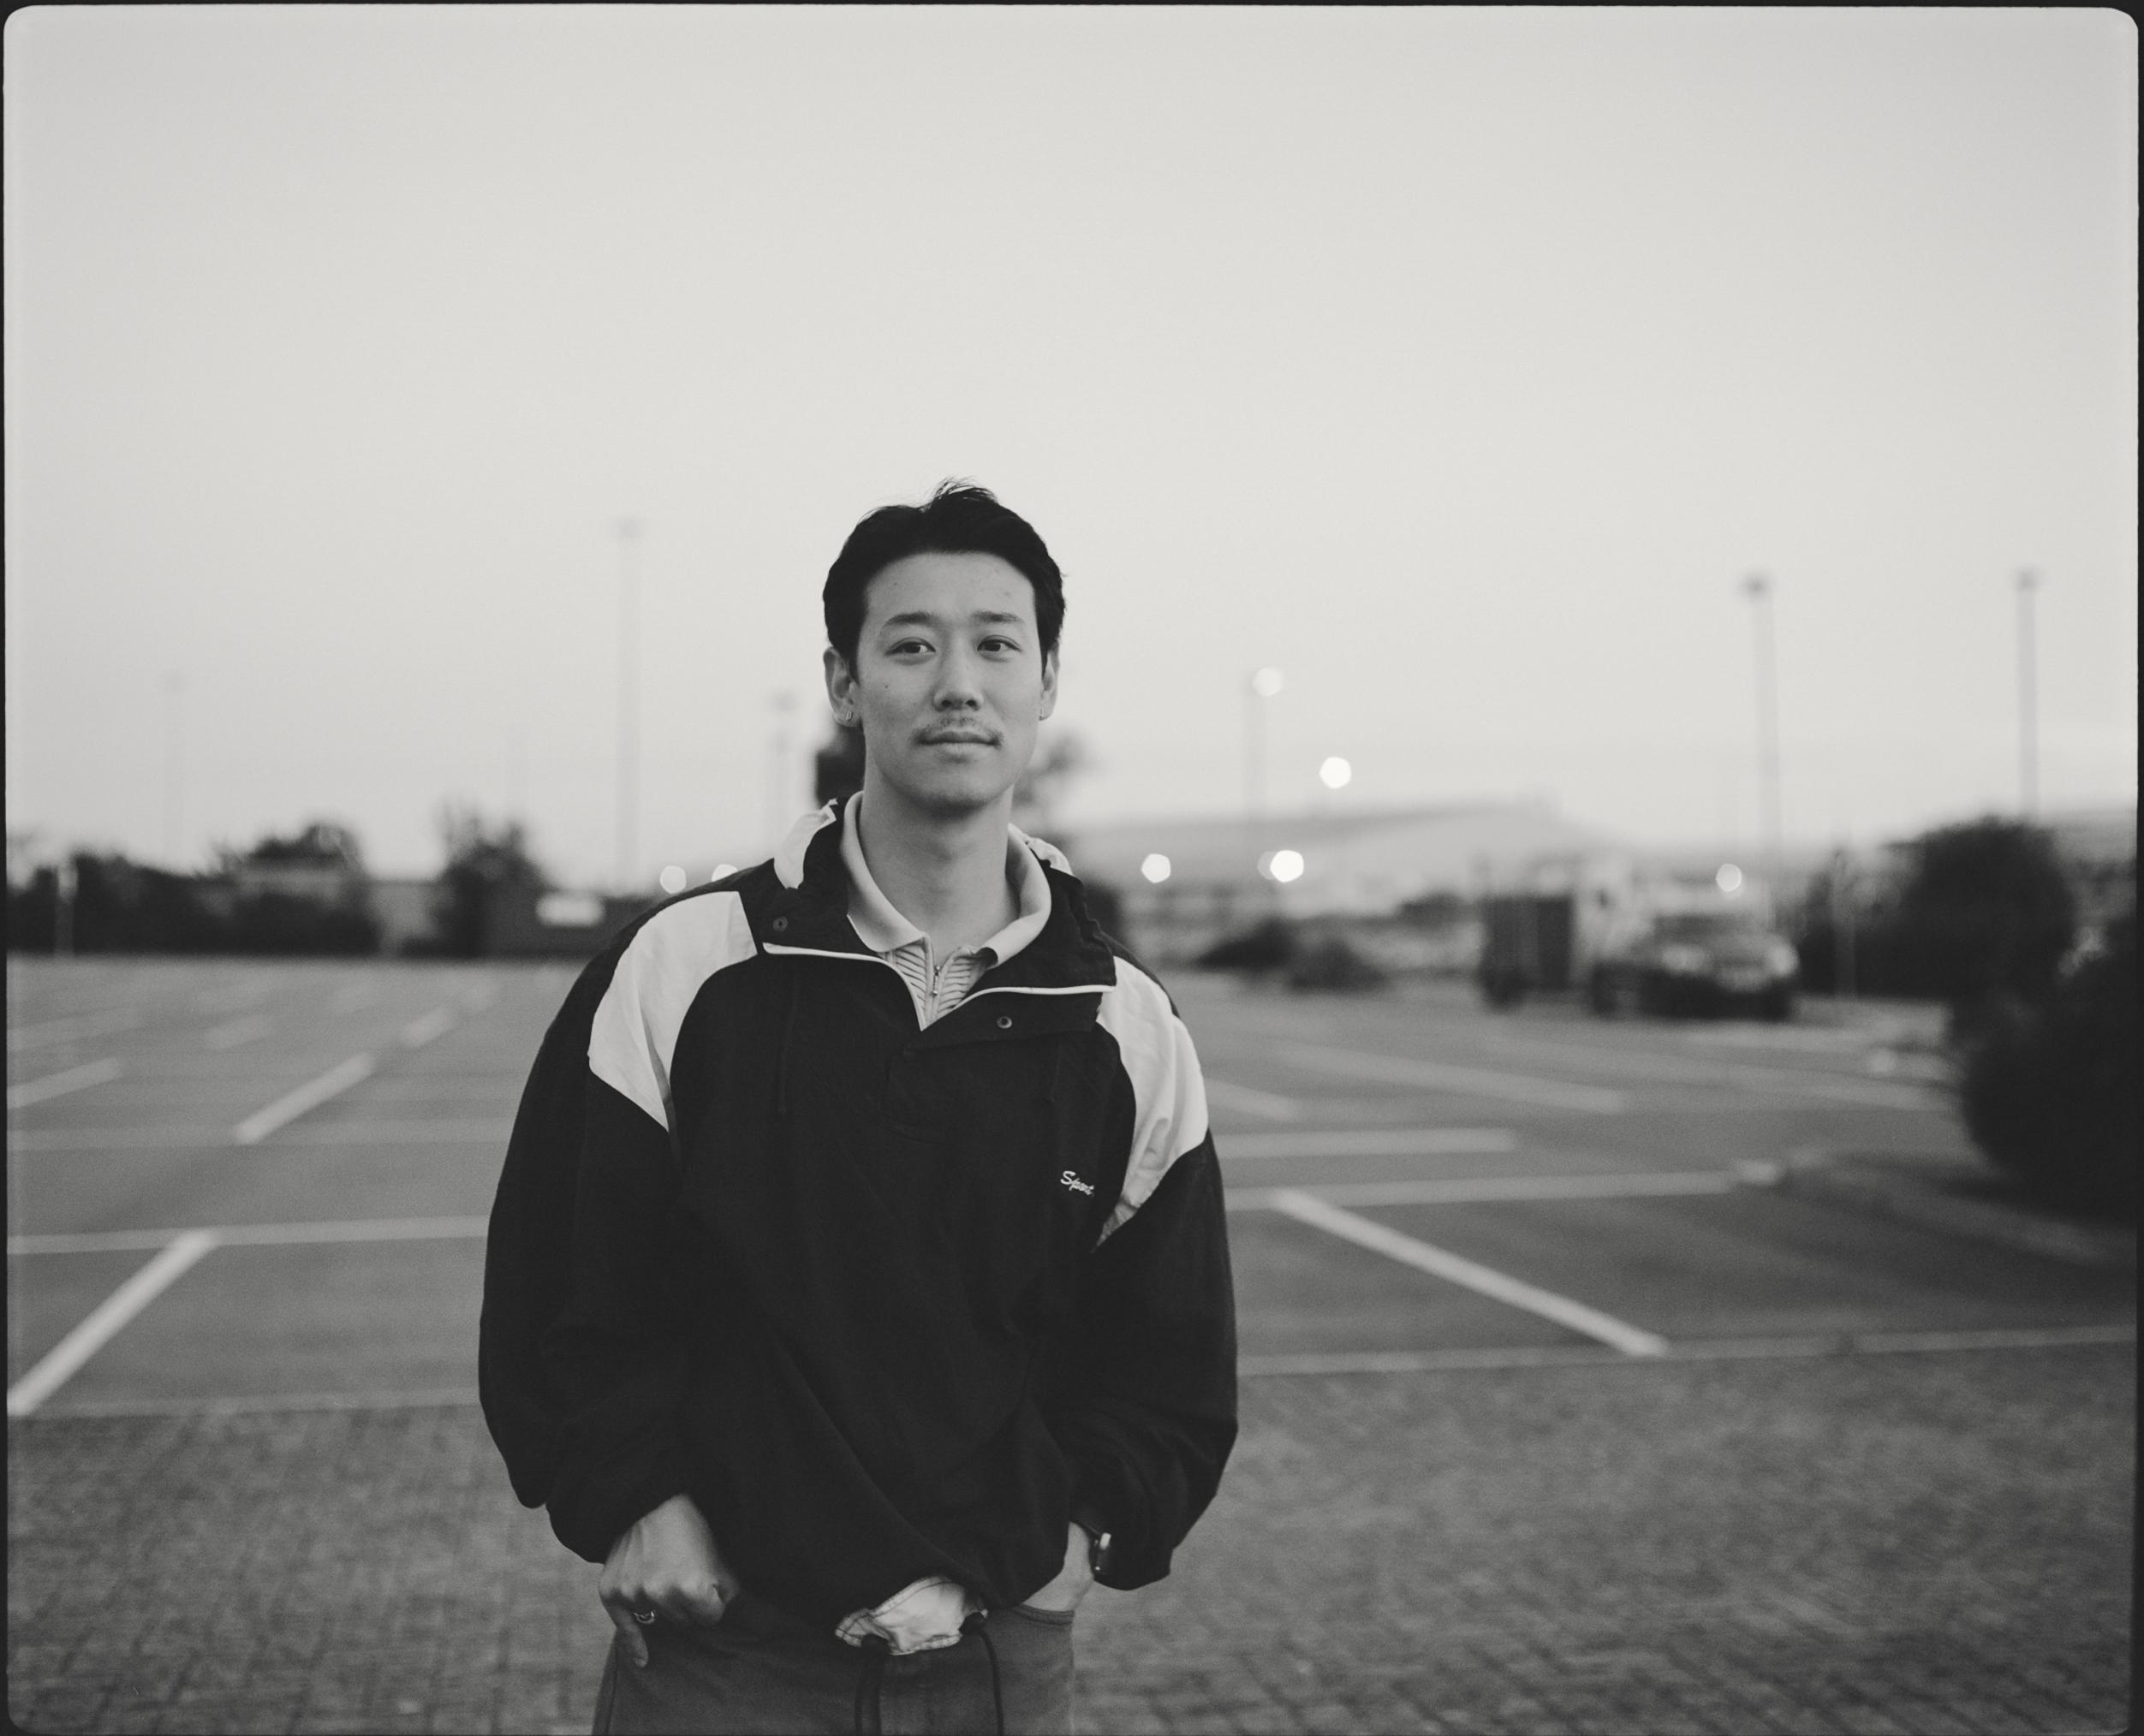 小袋成彬、2ndアルバム収録曲『New Kids』は難産だった…美しいピアノに注目